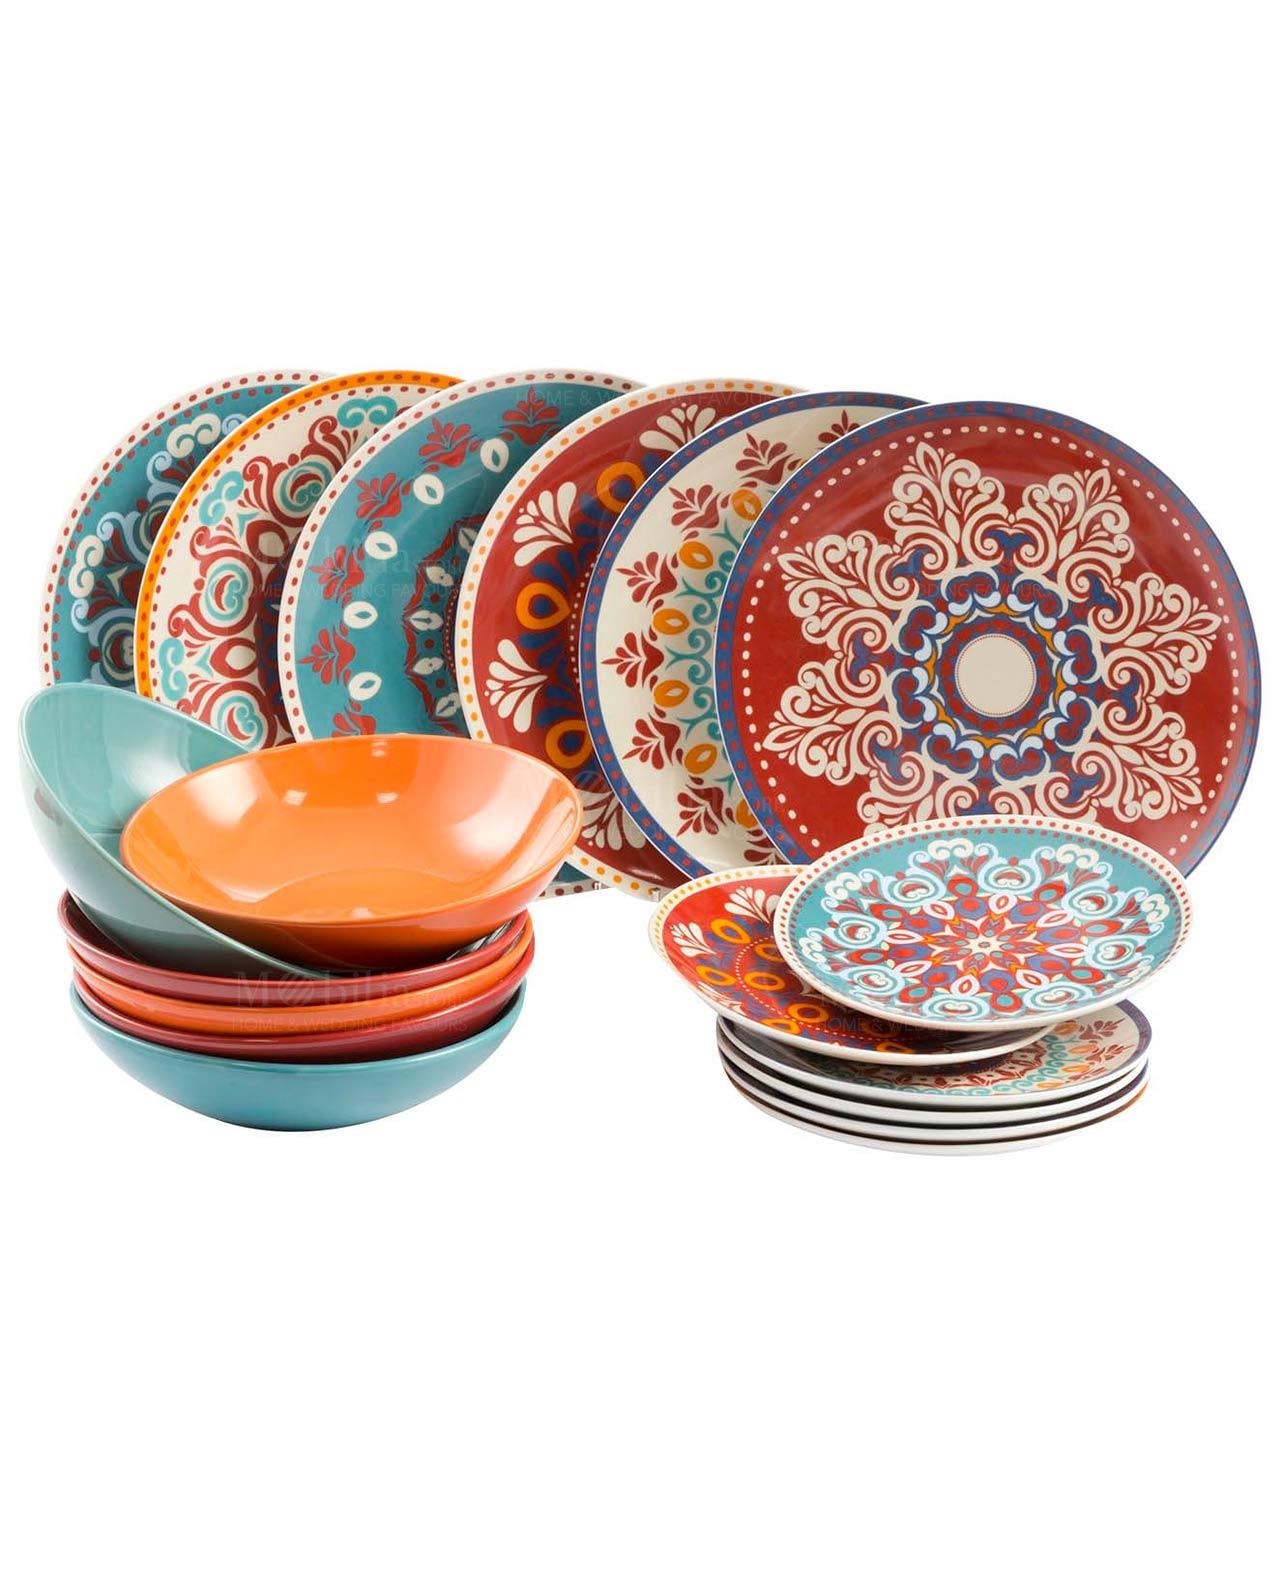 Servizio piatti Villa D\'Este Shiraz 18 pz - Mobilia Store Home & Favours